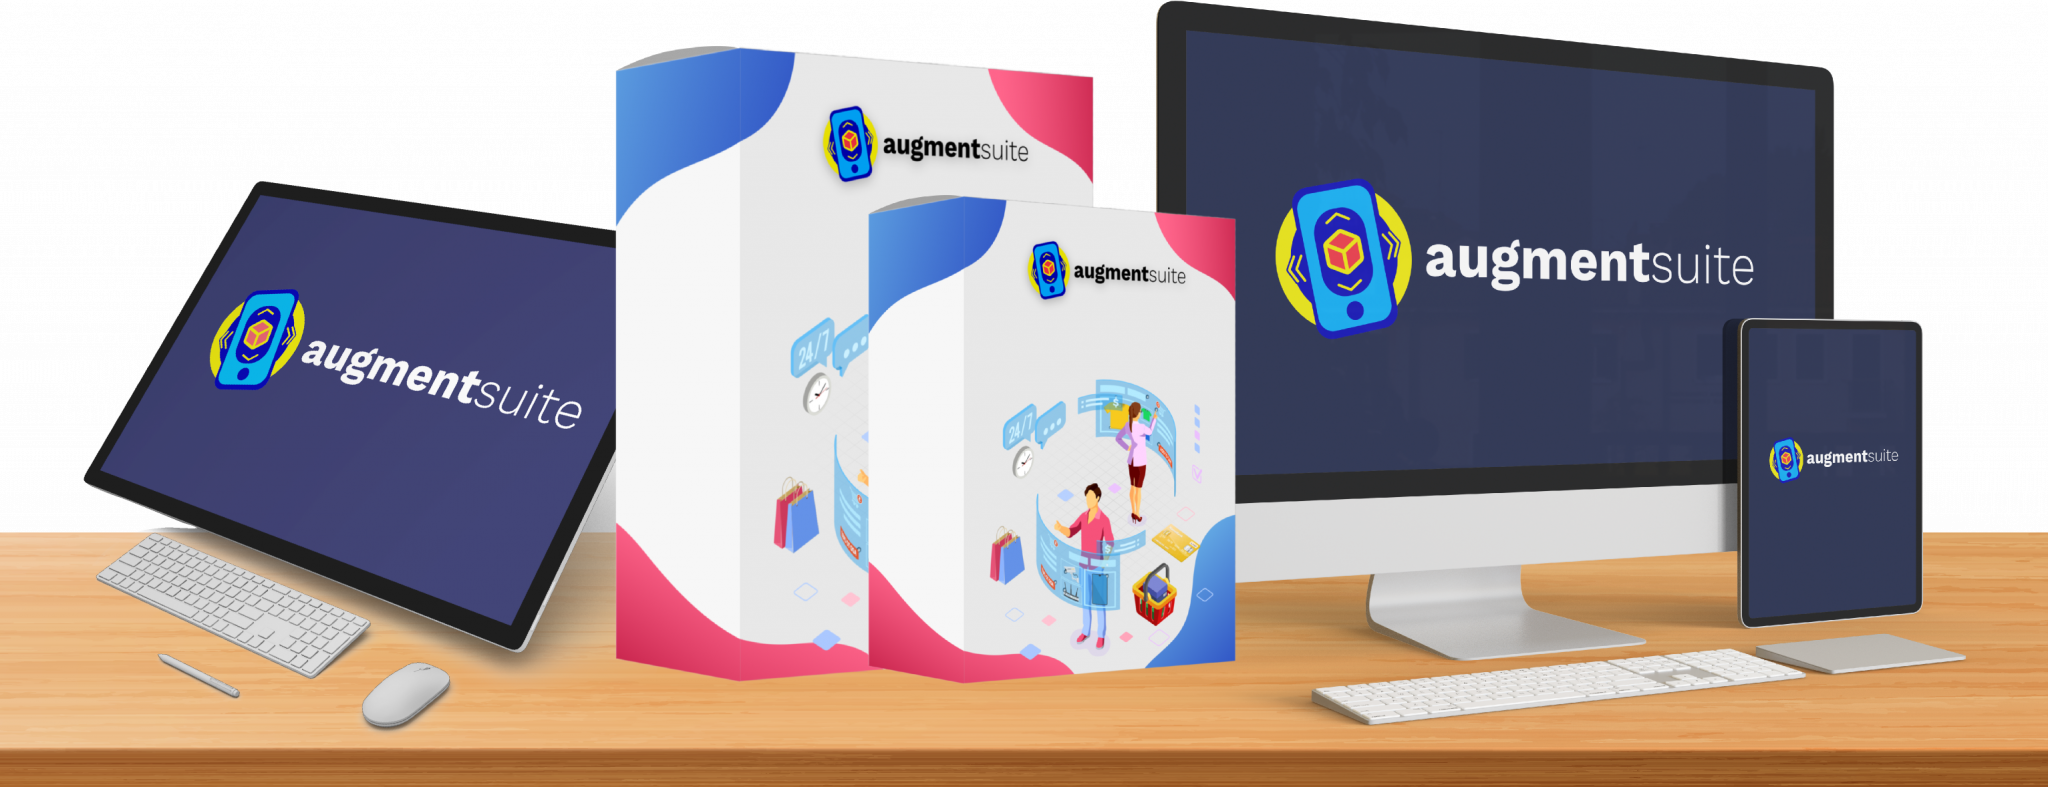 Augment Suite Review